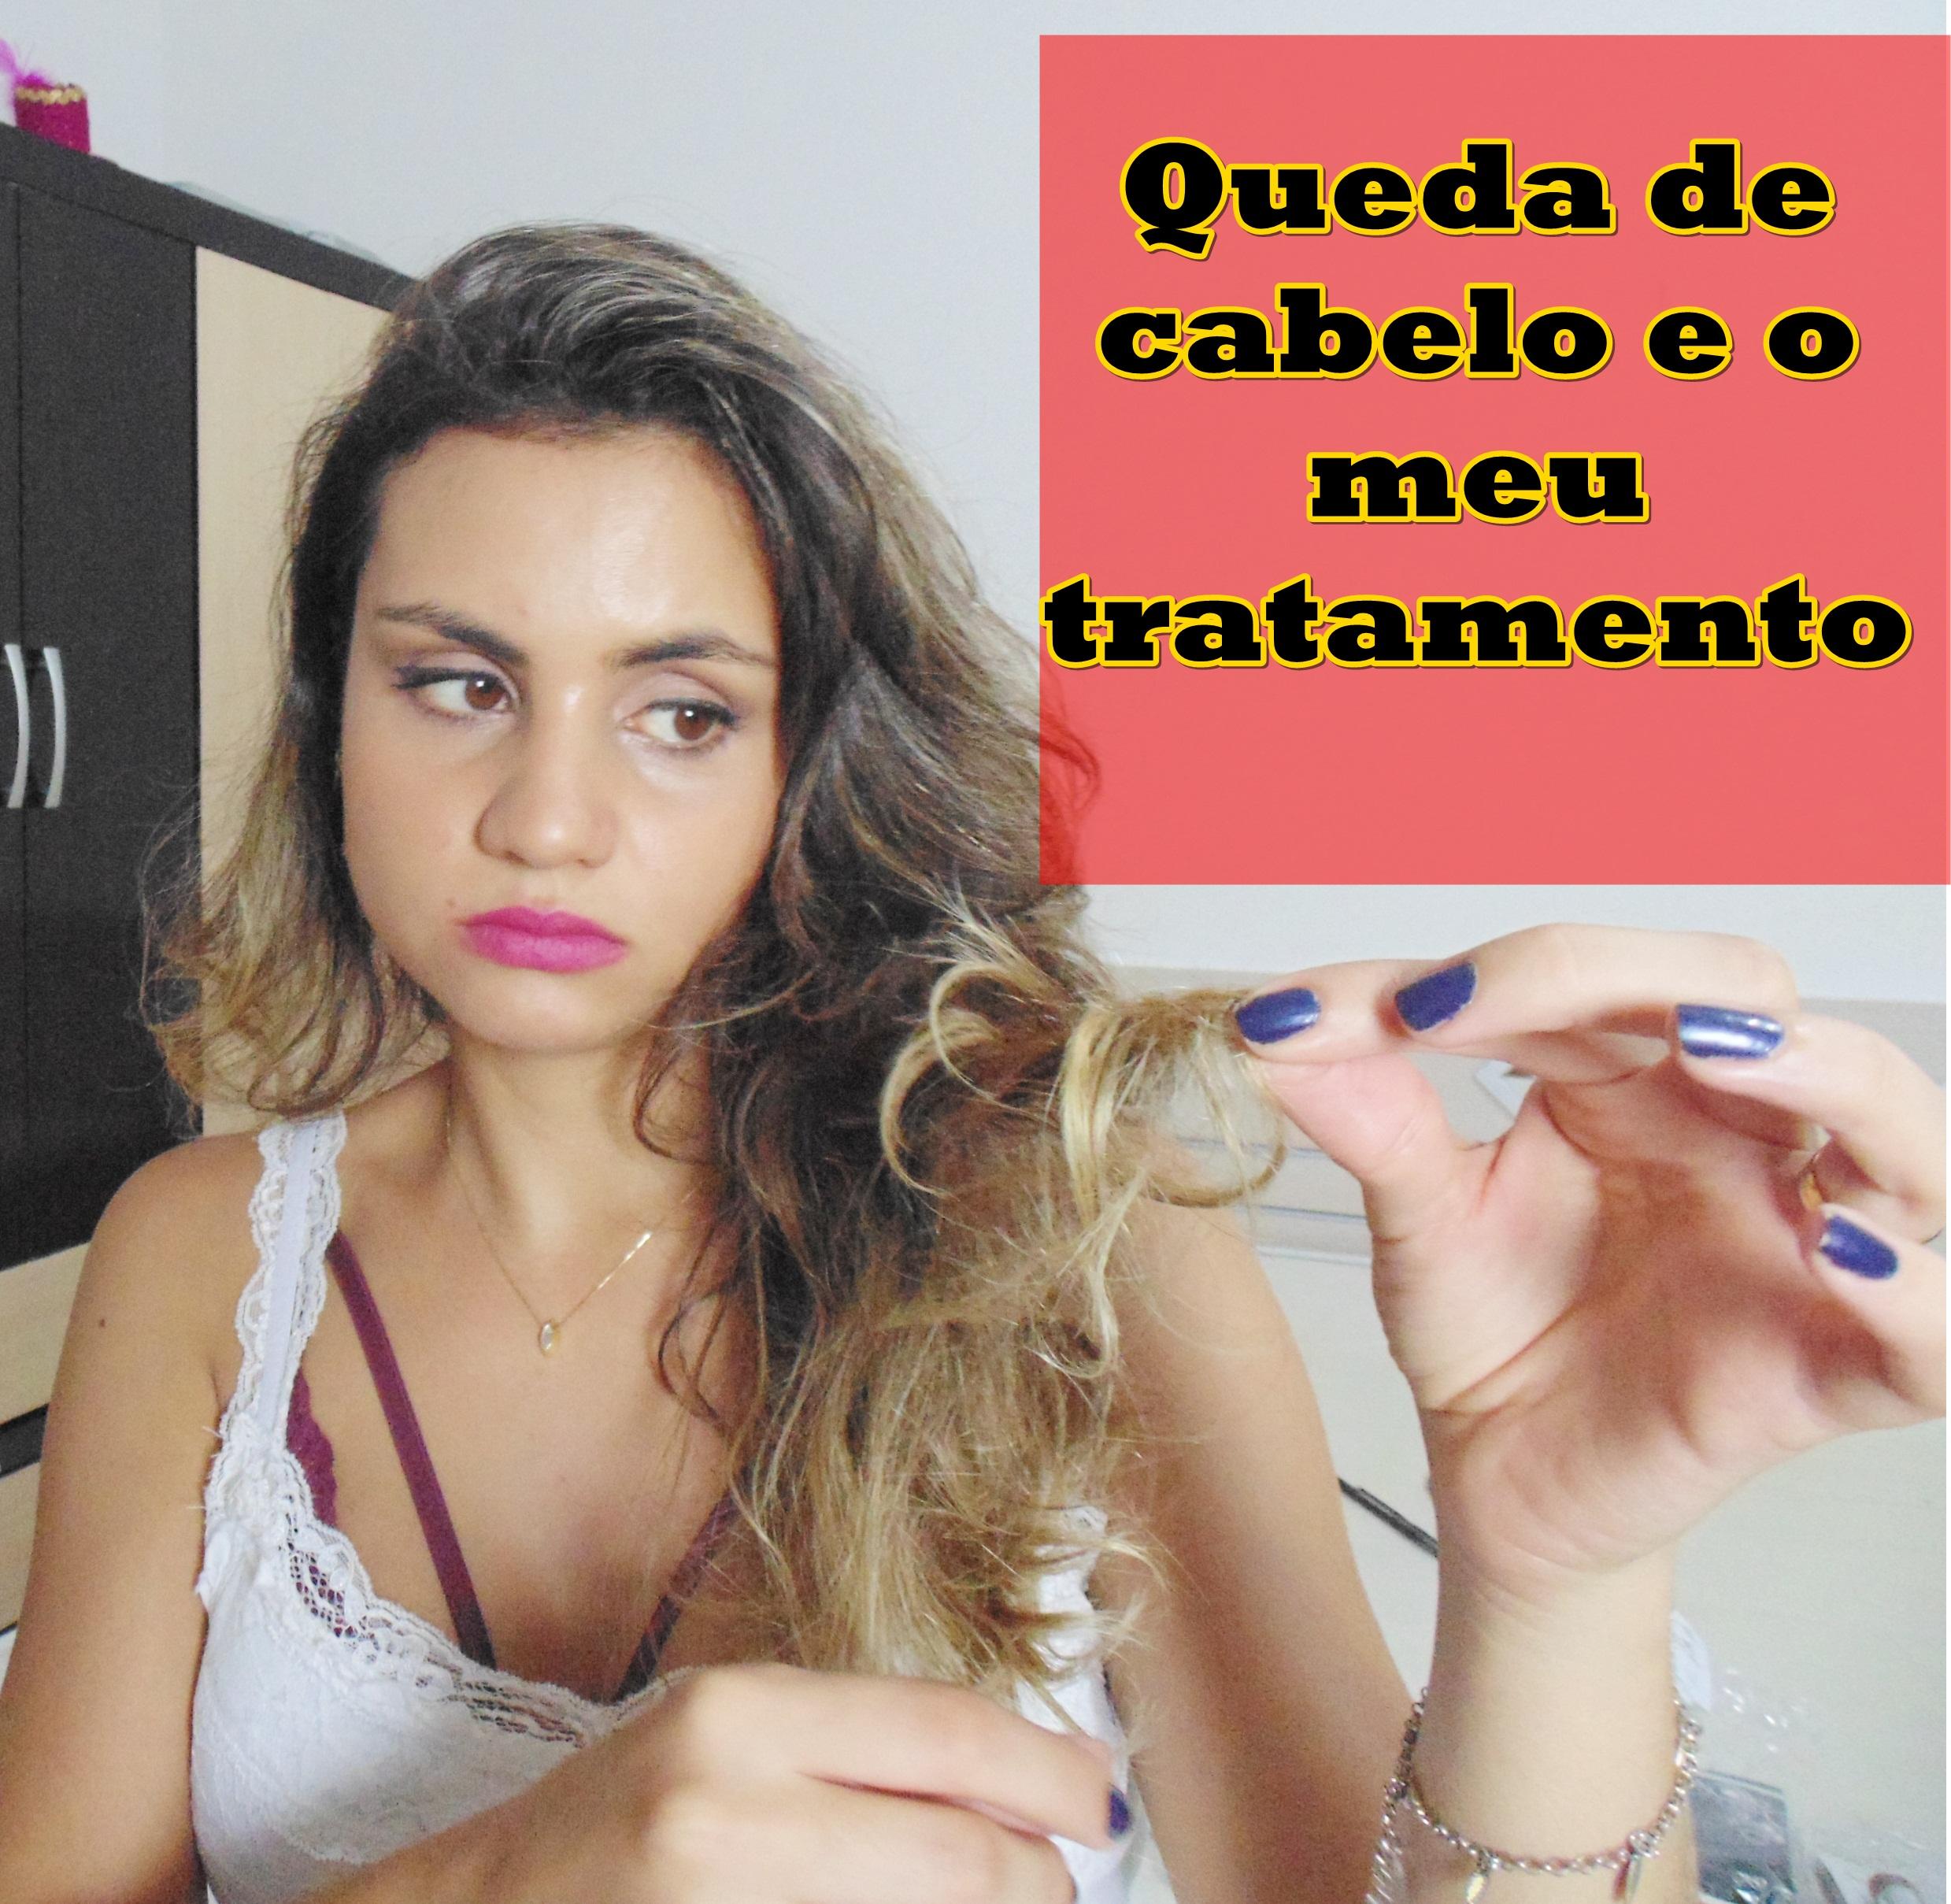 DSC03664 Vídeo: Meu tratamento para queda de cabelo!